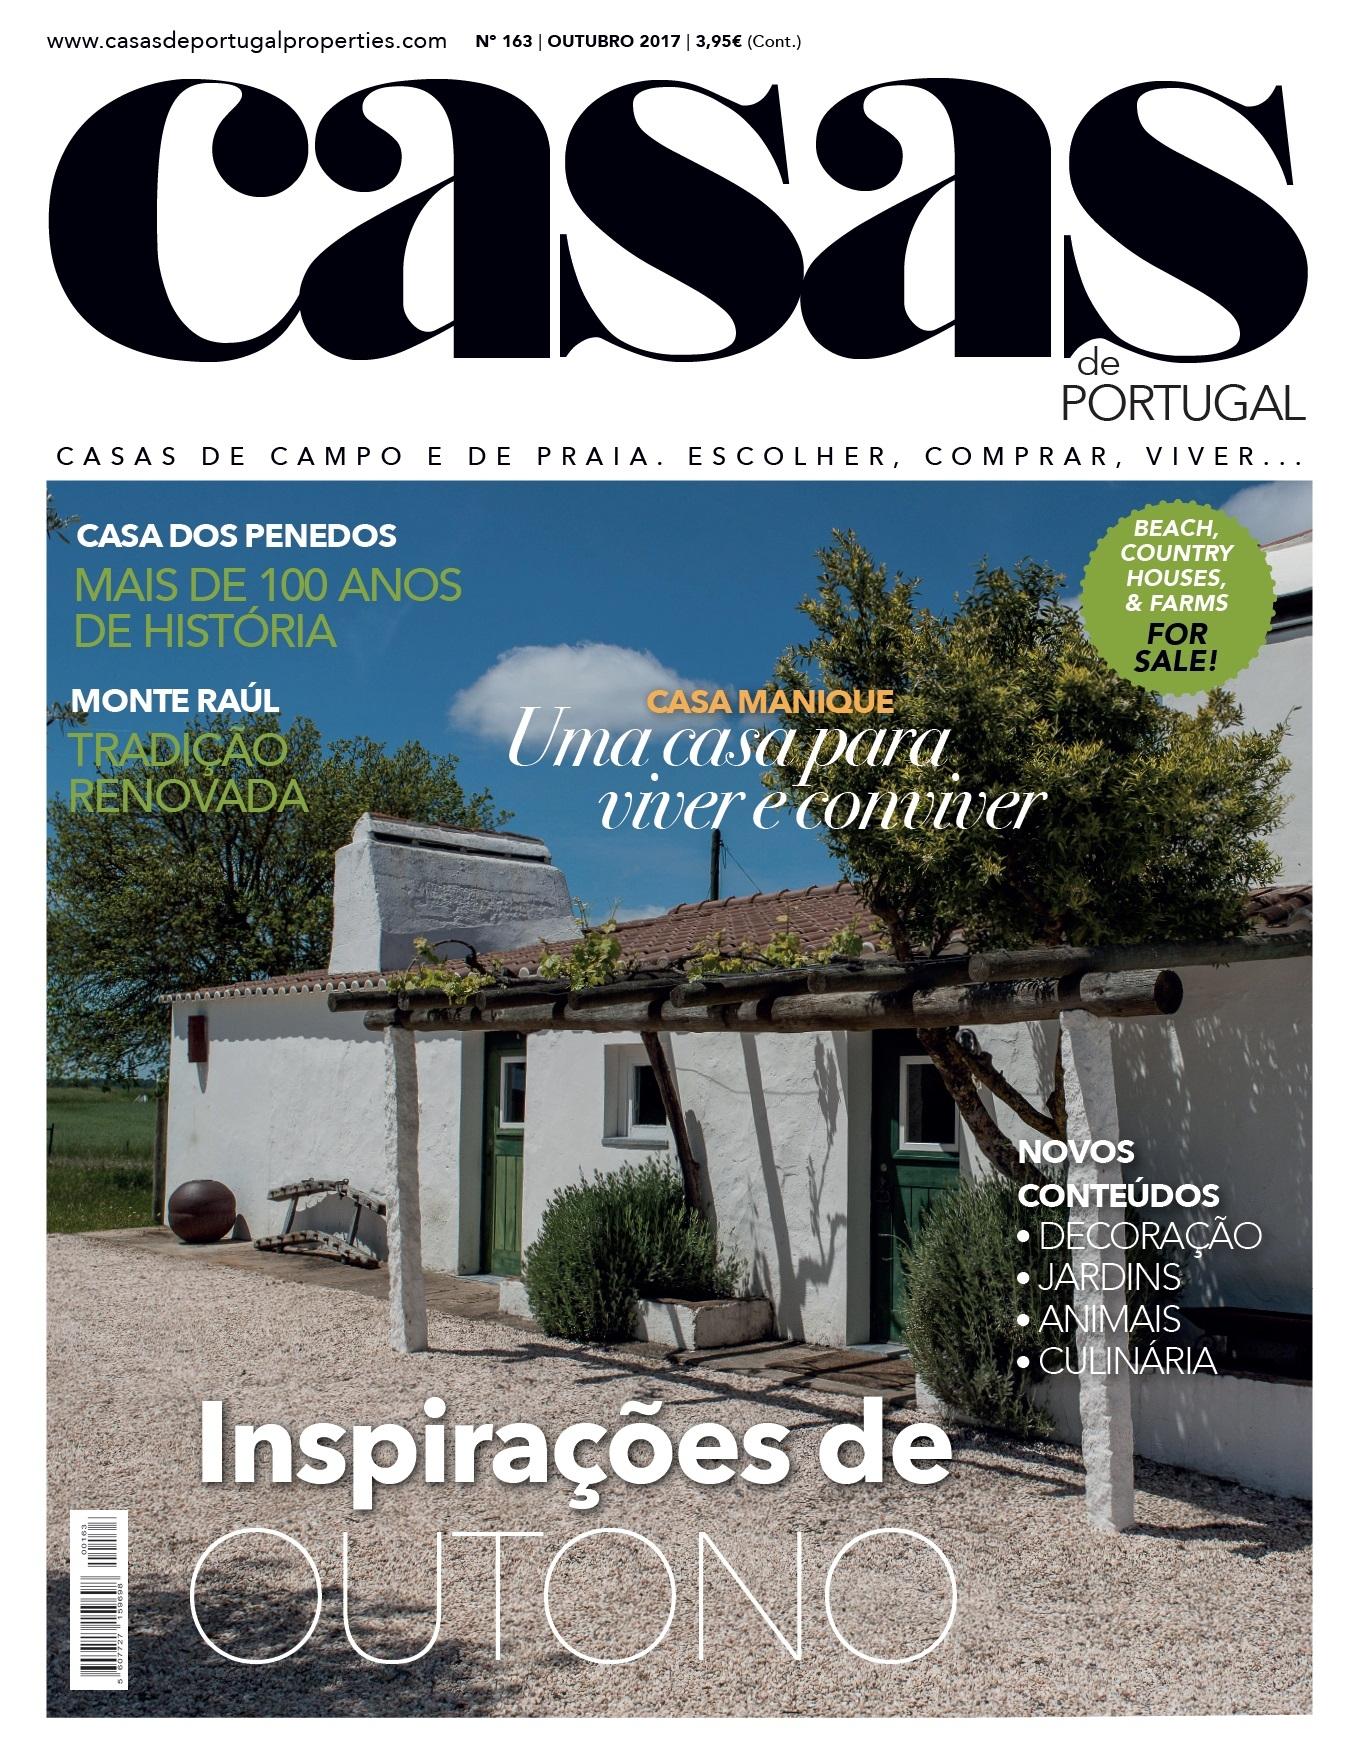 Capa-Casas-de-Portugal-163